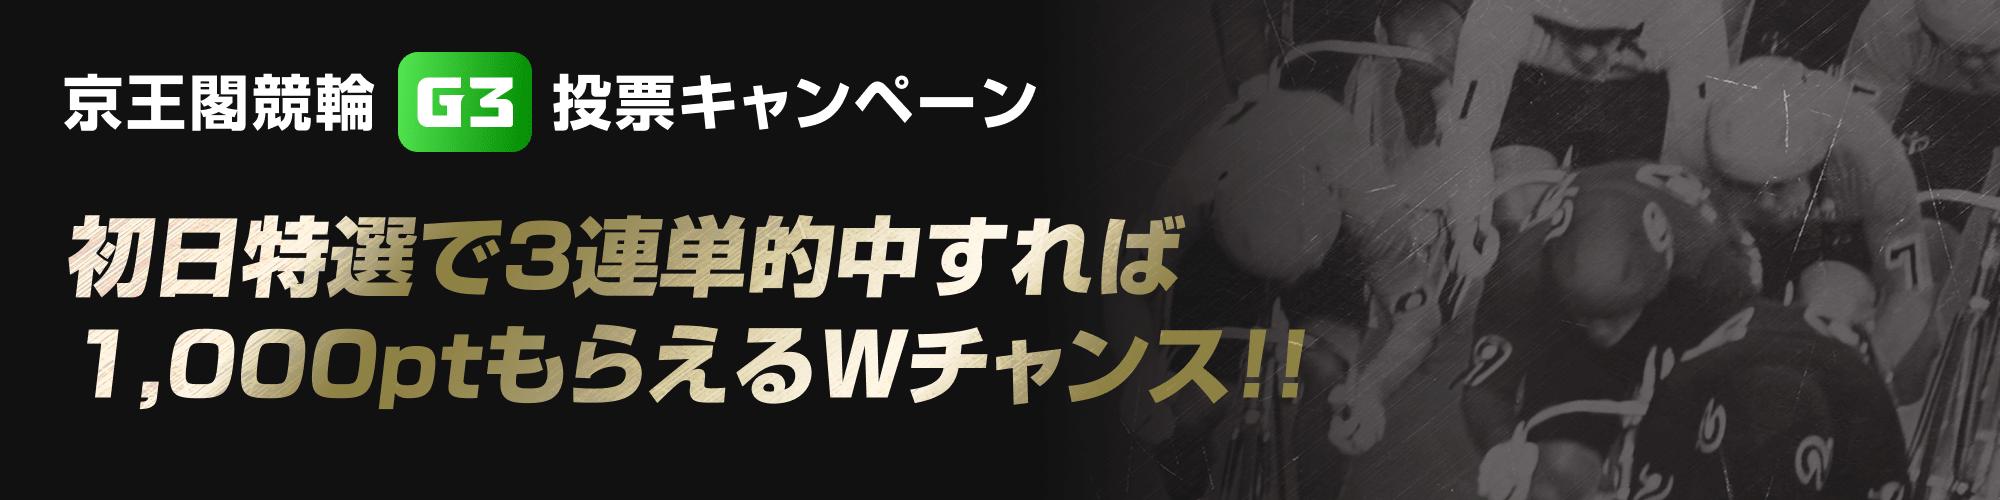 <京王閣競輪G3 京王閣記念ゴールドカップのバナー>